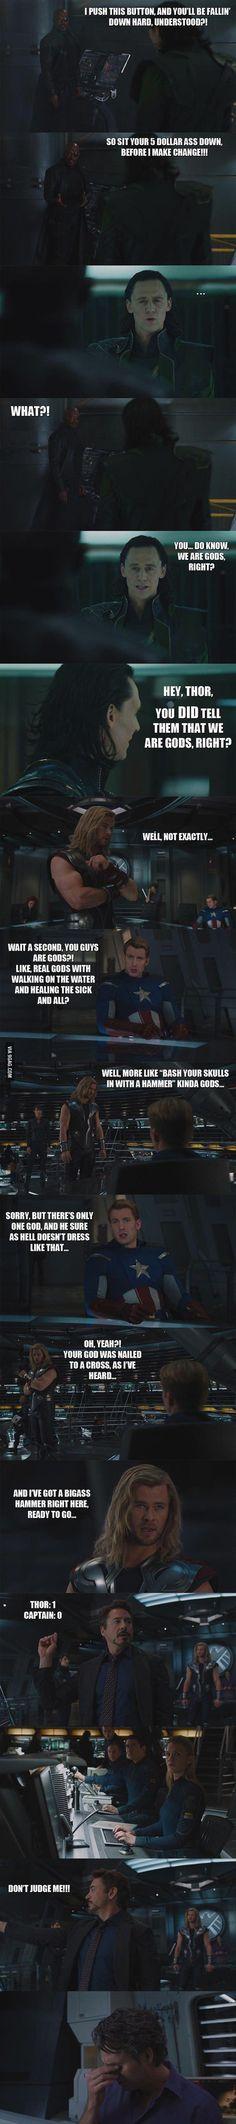 Hahaha - Just Avengers